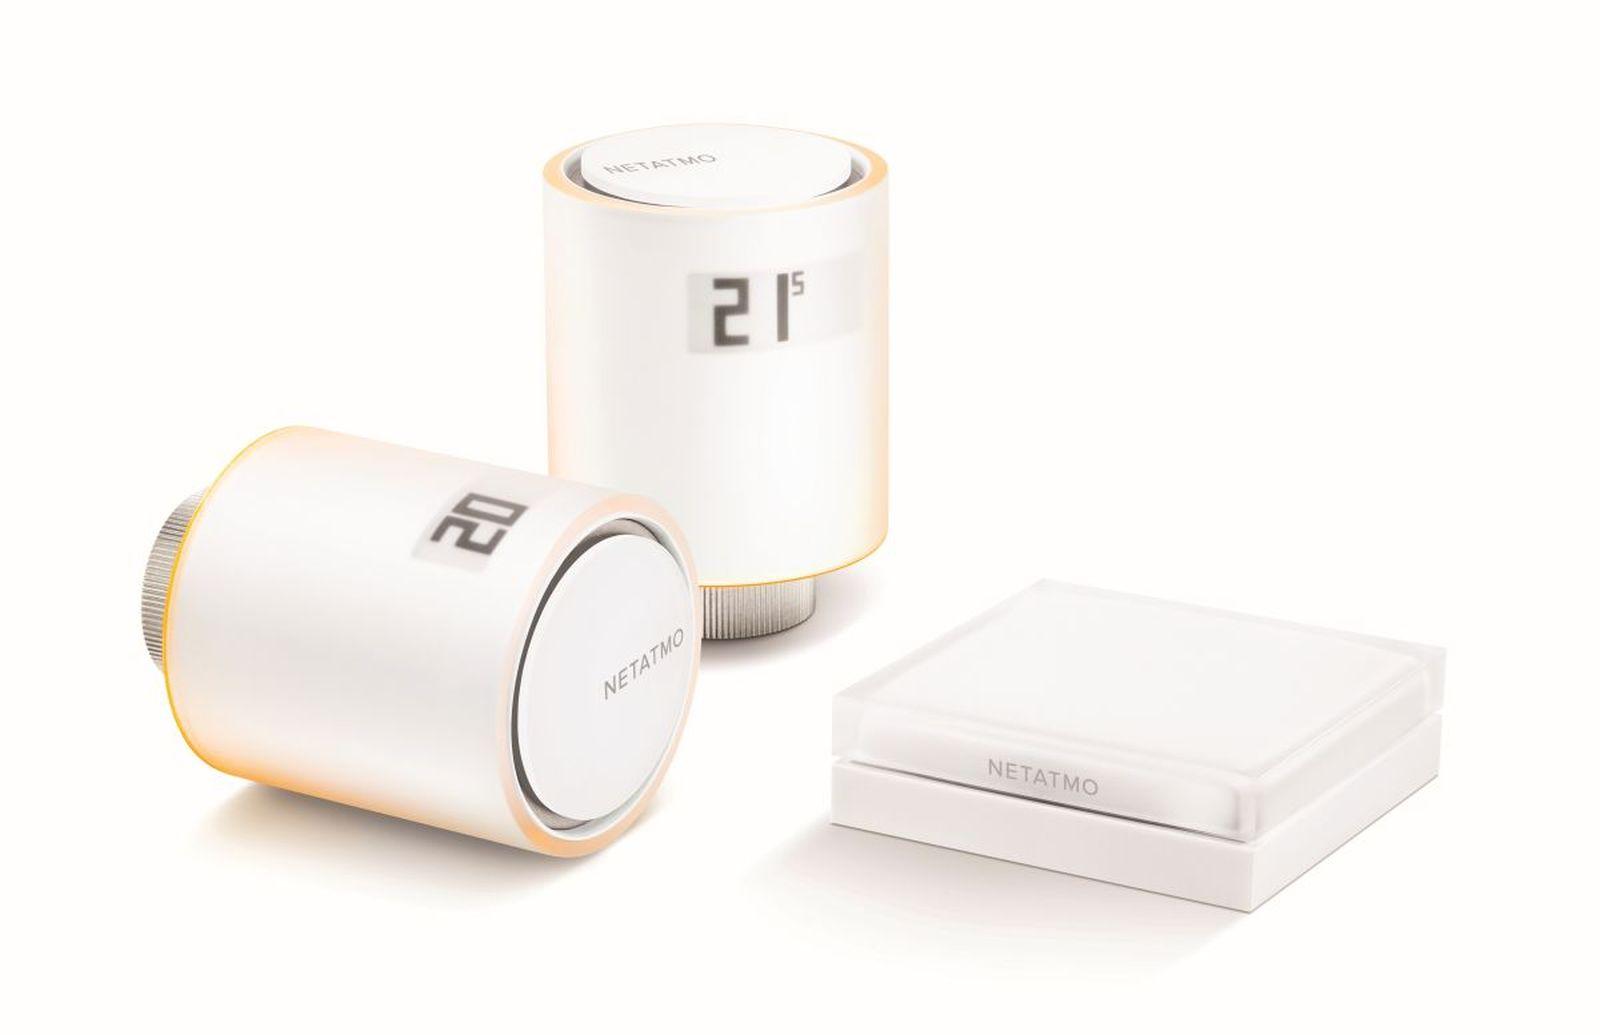 Netatmo Smarte Heizkörperthermostate, Starterpack mit 2 Thermostaten & Relais | Siri & Alexa